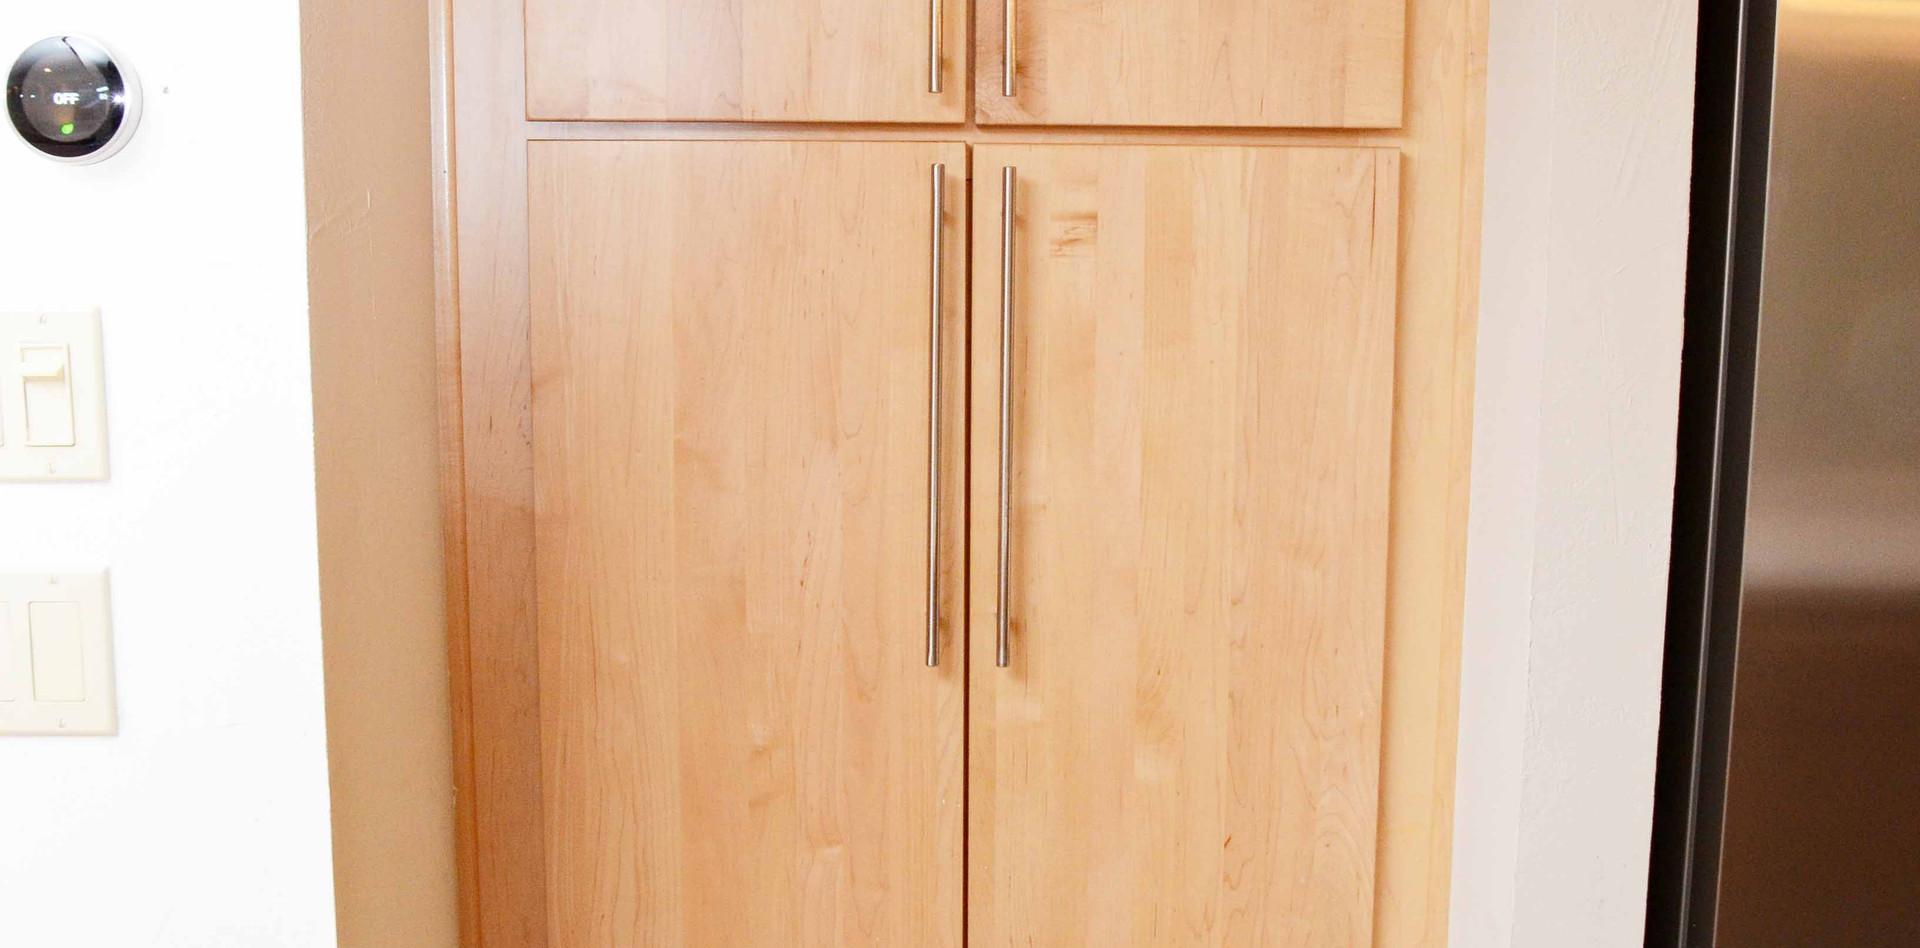 cabinet_installation.jpg